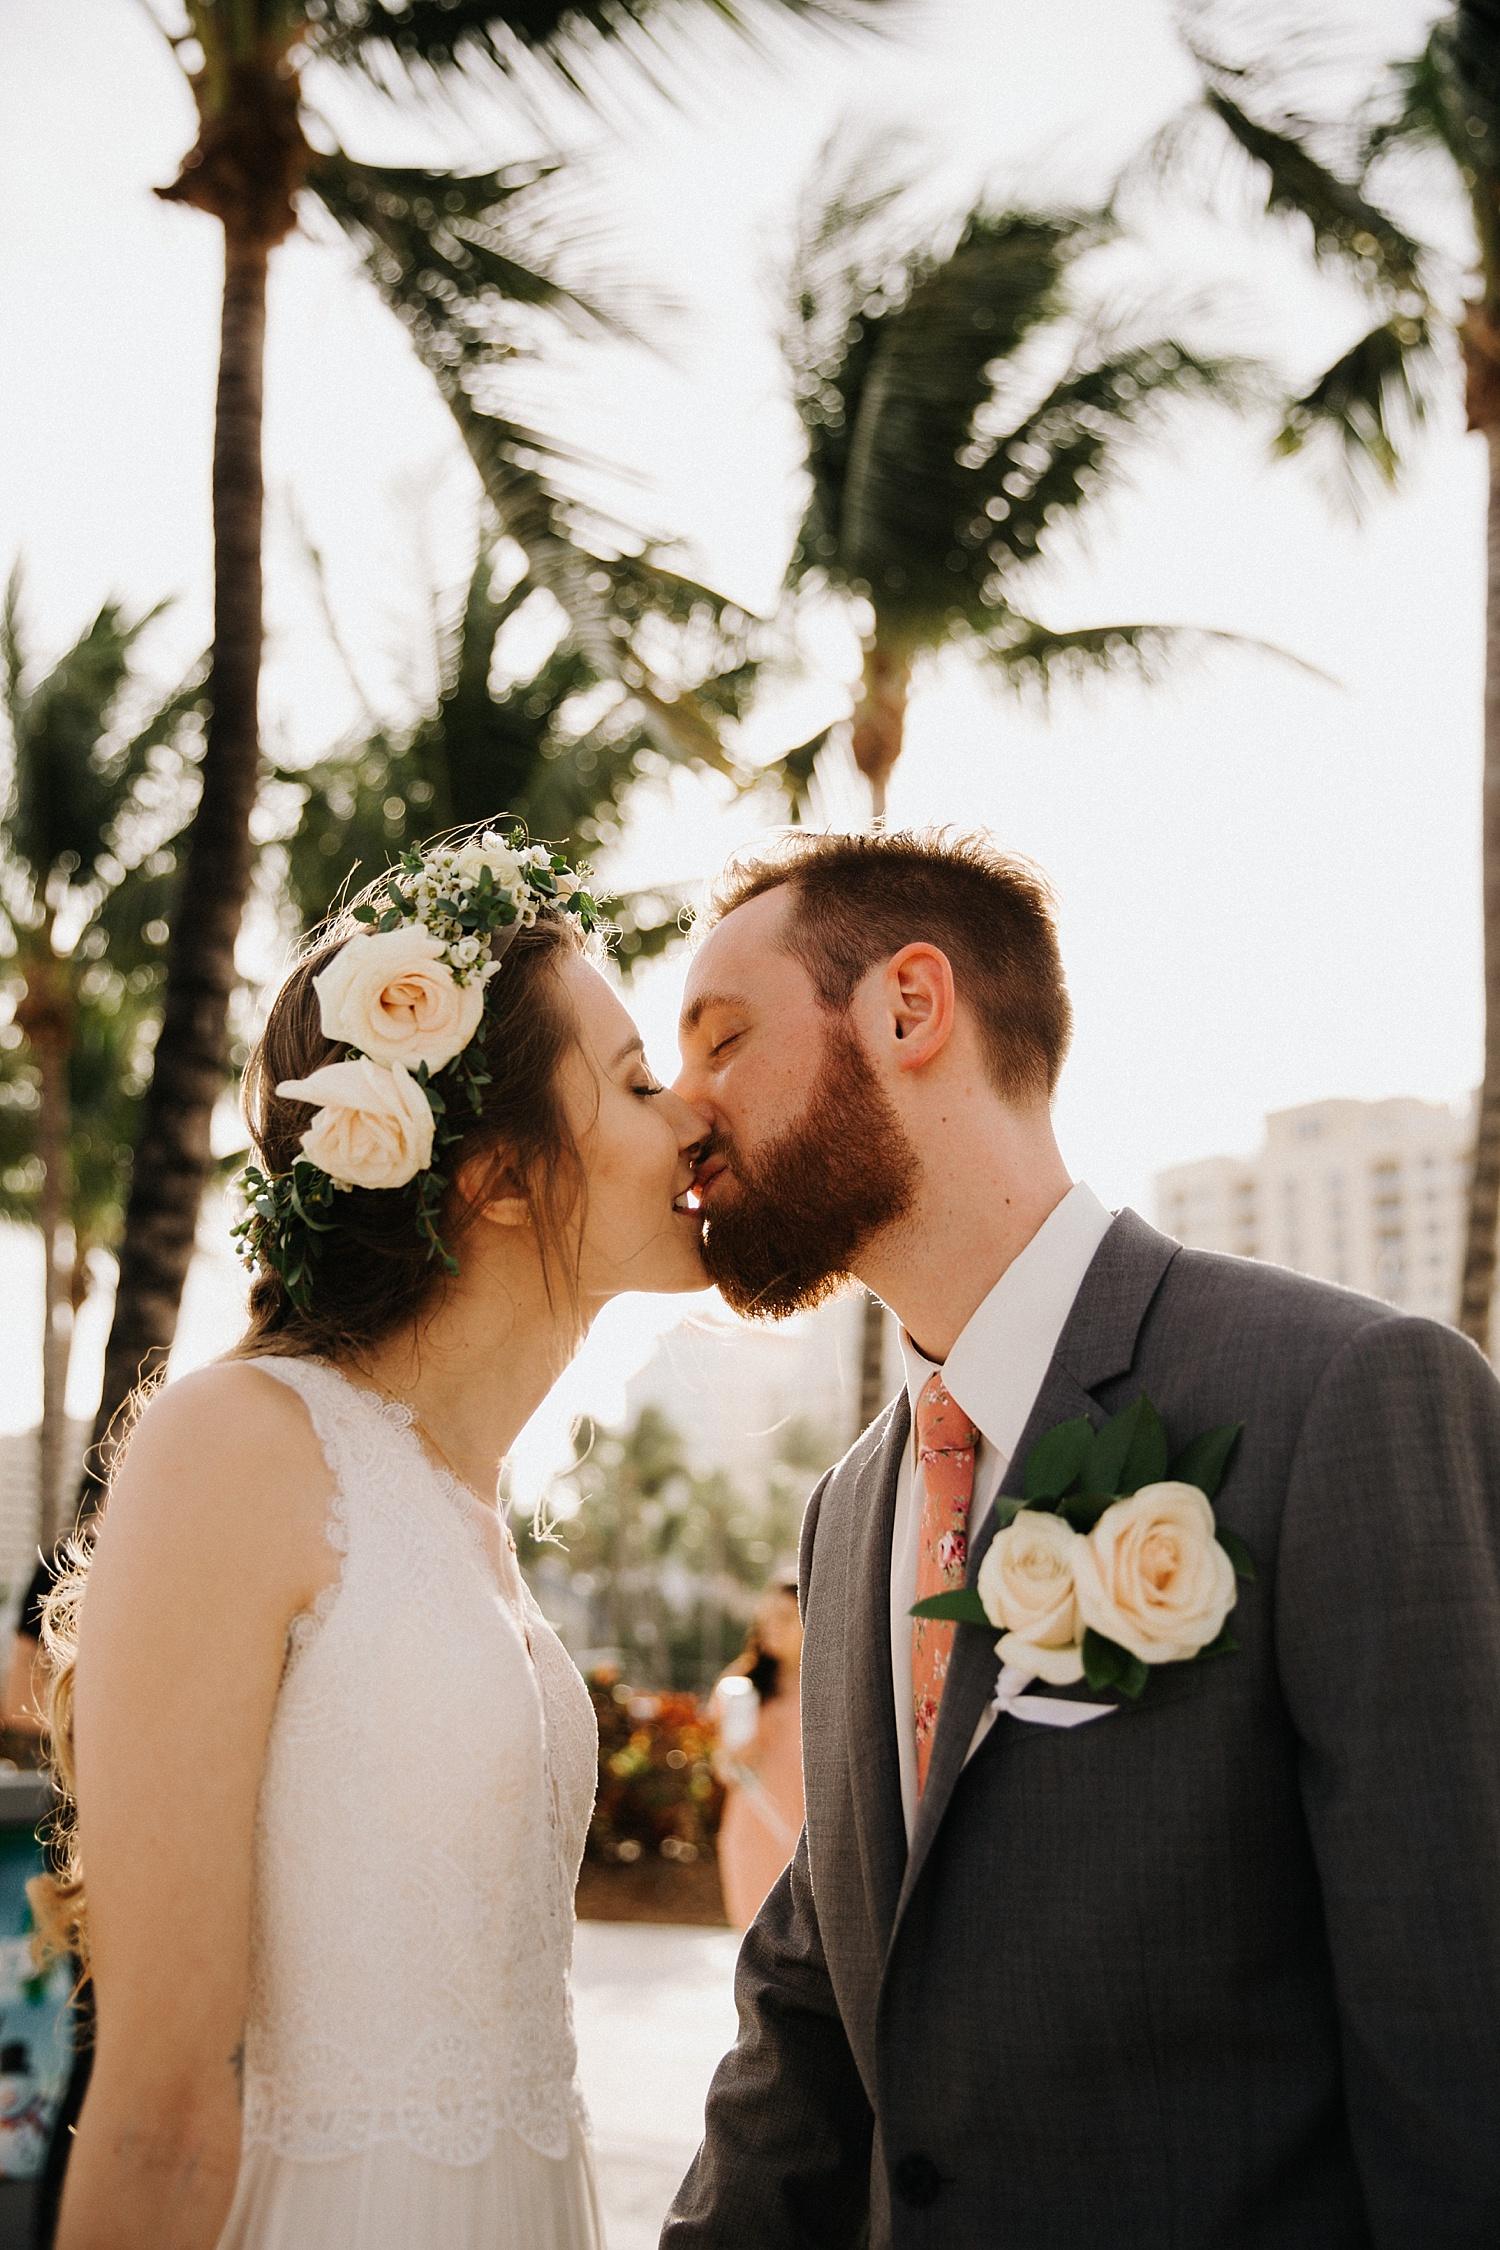 Peter + Kareena Rineer Downtown West Palm Beach December Wedding 2018_0034.jpg